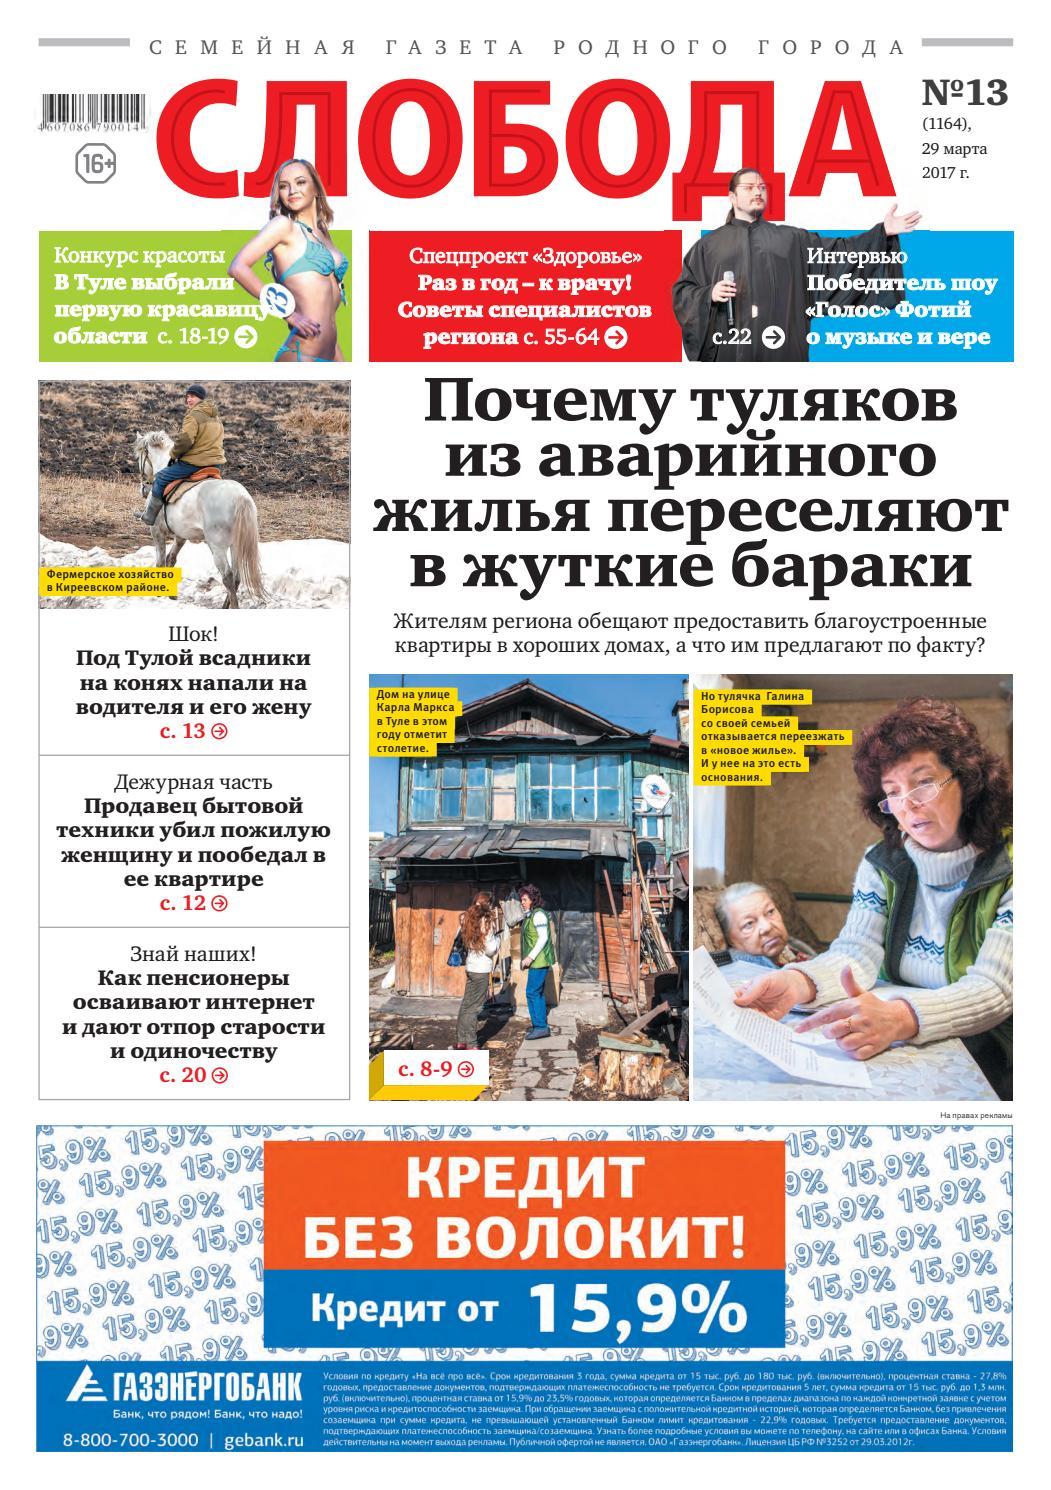 Попытка Изнасилования Дарьи Барановой – Дом С Лилиями (2013)